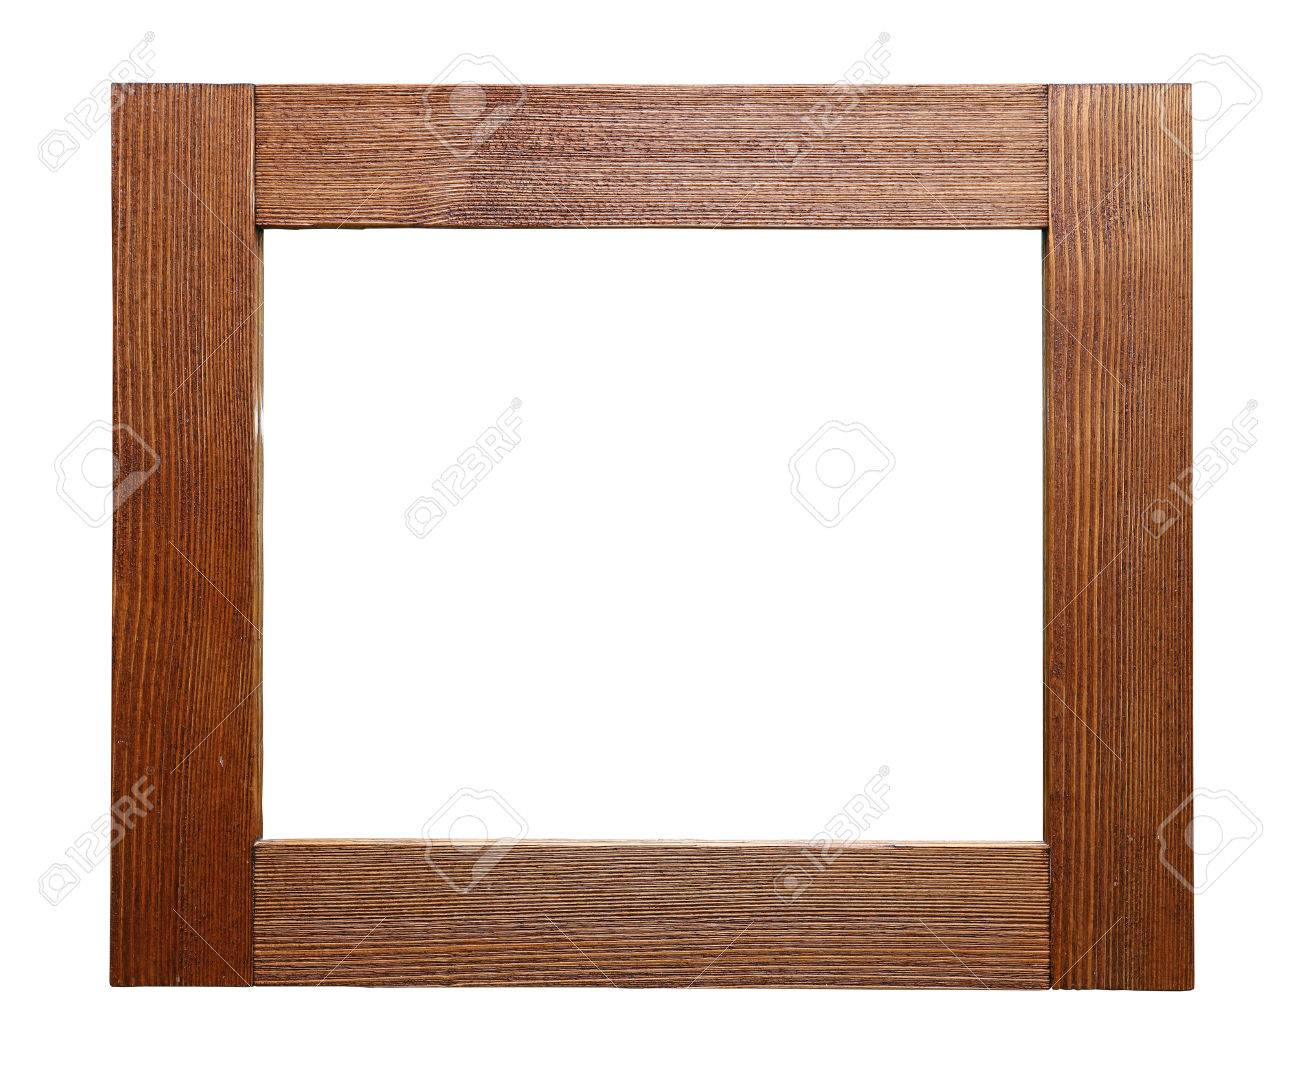 Rústico Rectángulo De Madera Sin Pintar La Imagen, Ventana O Espejo ...